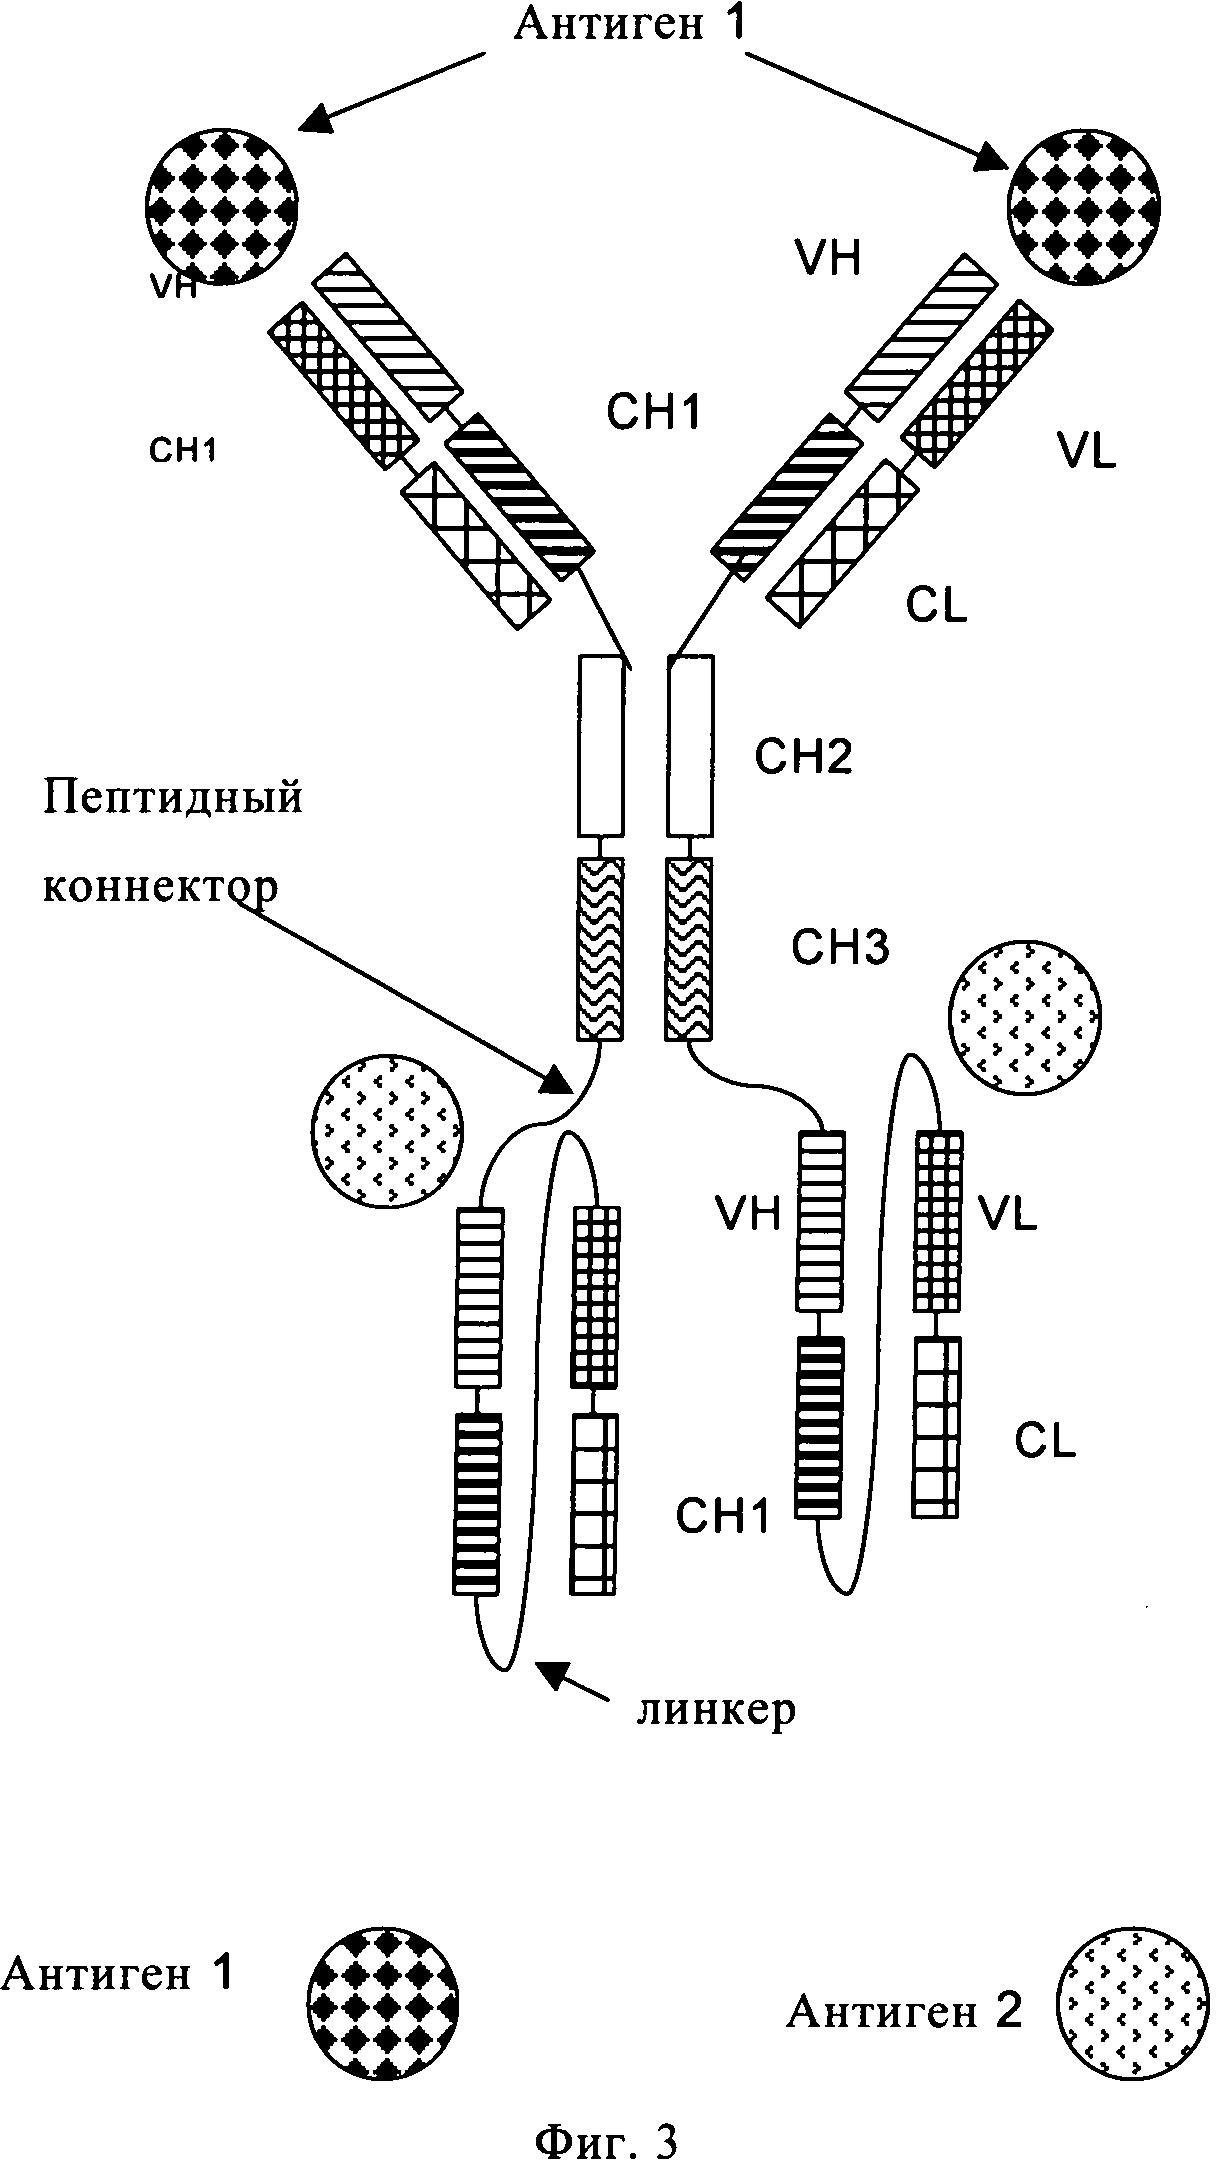 Полиспецифичные антитела, включающие антитела полной длины и одноцепочечные фрагменты fab